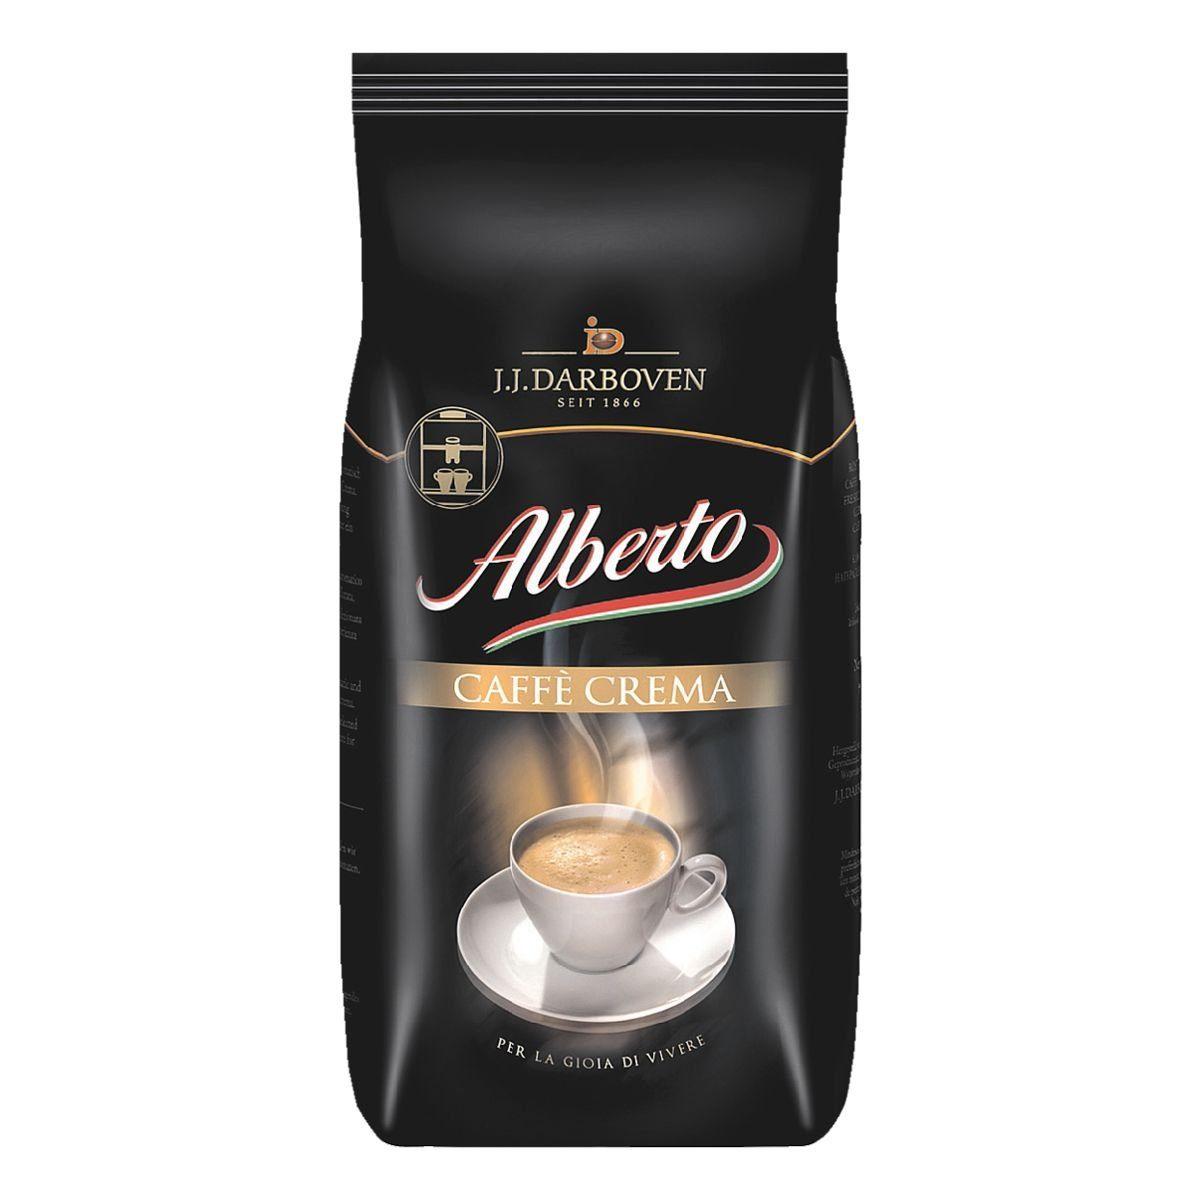 DARBOVEN Kaffee - ganze Bohnen »Alberto Caffè Crema«